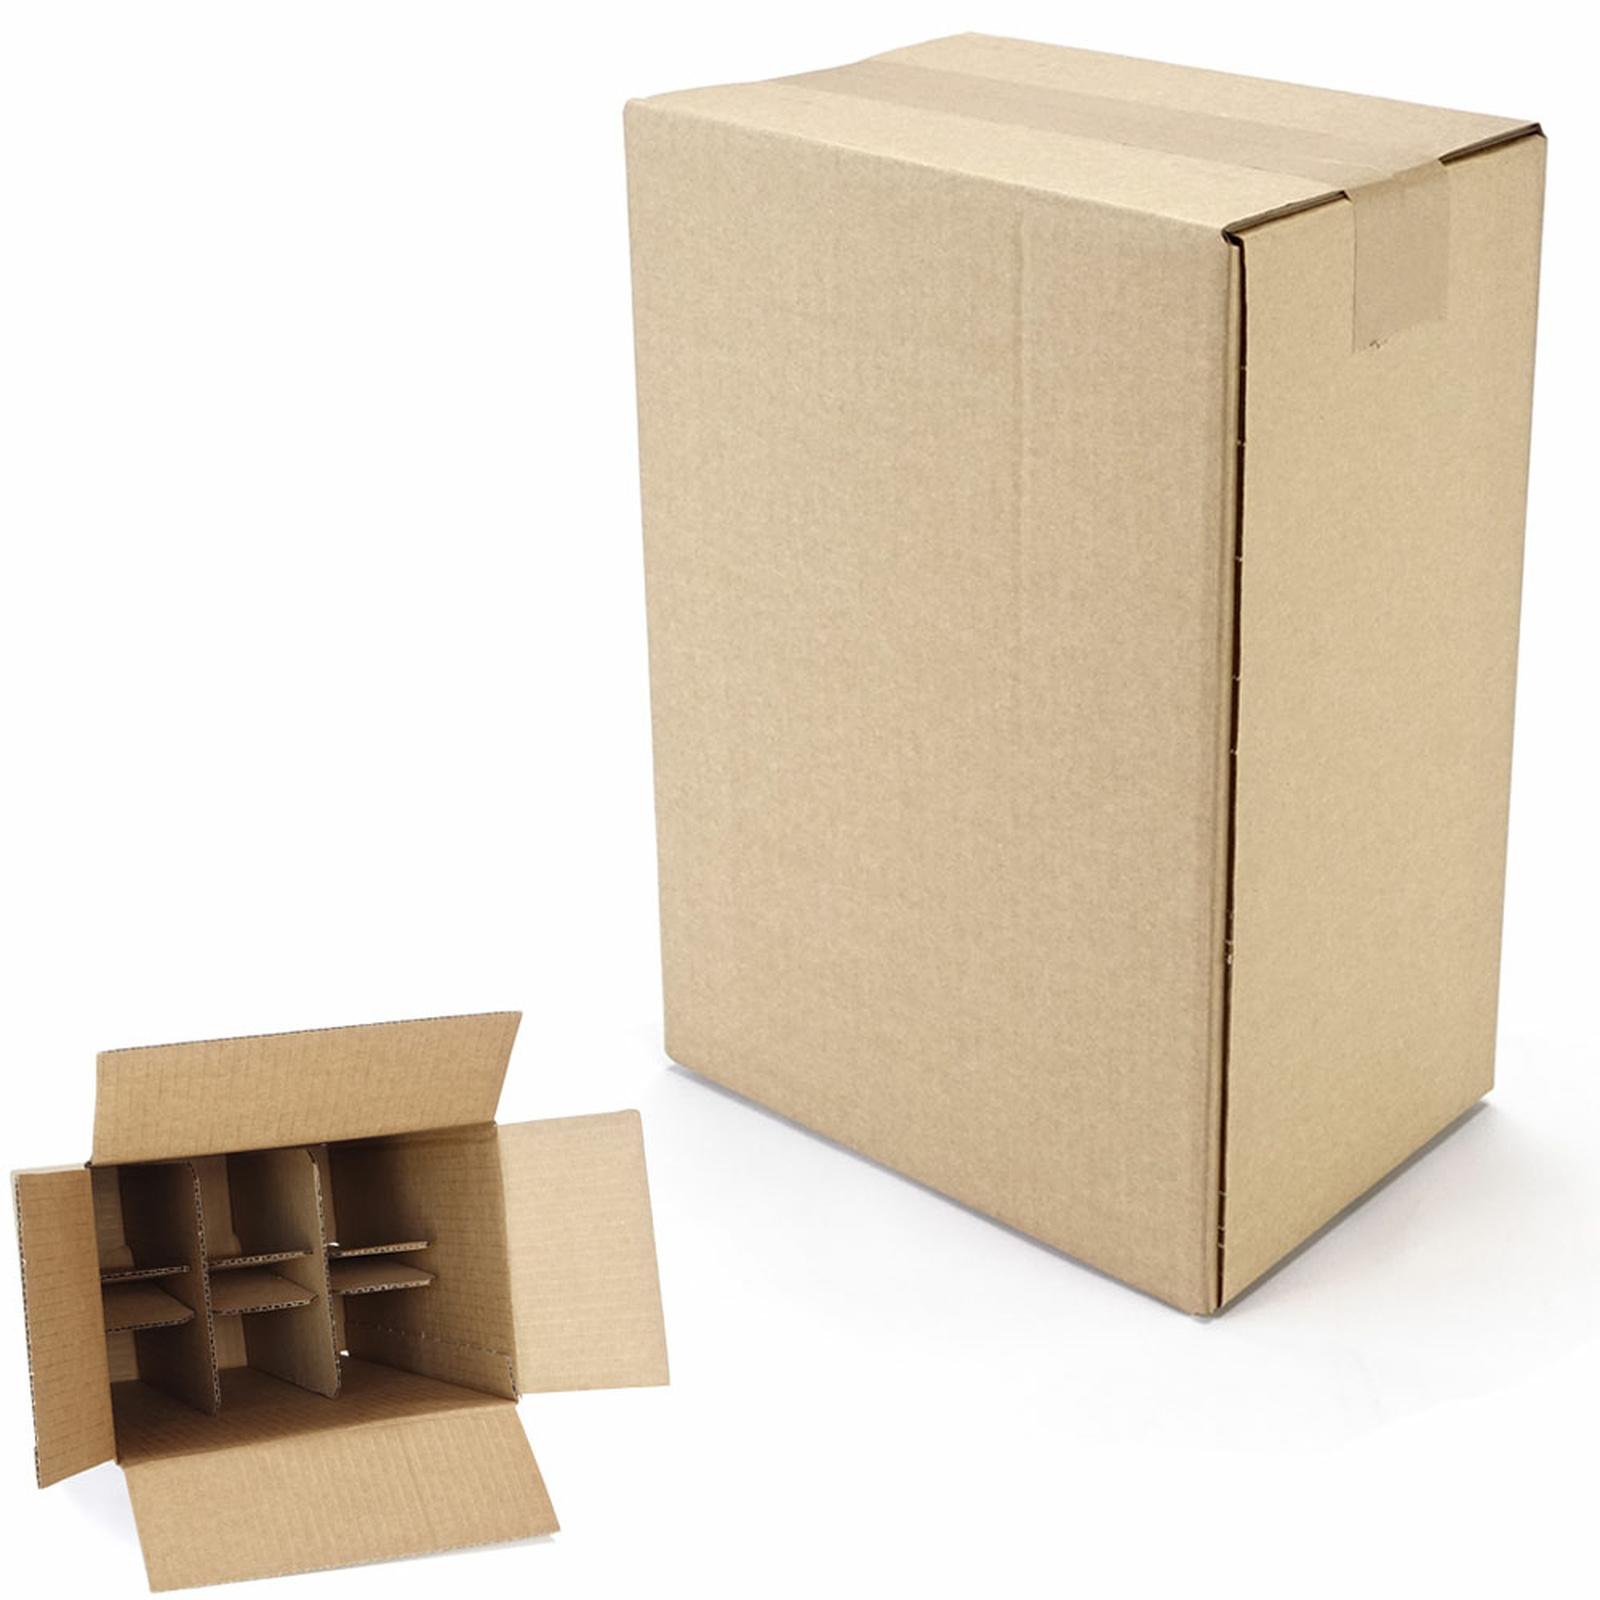 6er flaschenkarton 0 235x160x330 mm g nstig kaufen 0 80. Black Bedroom Furniture Sets. Home Design Ideas